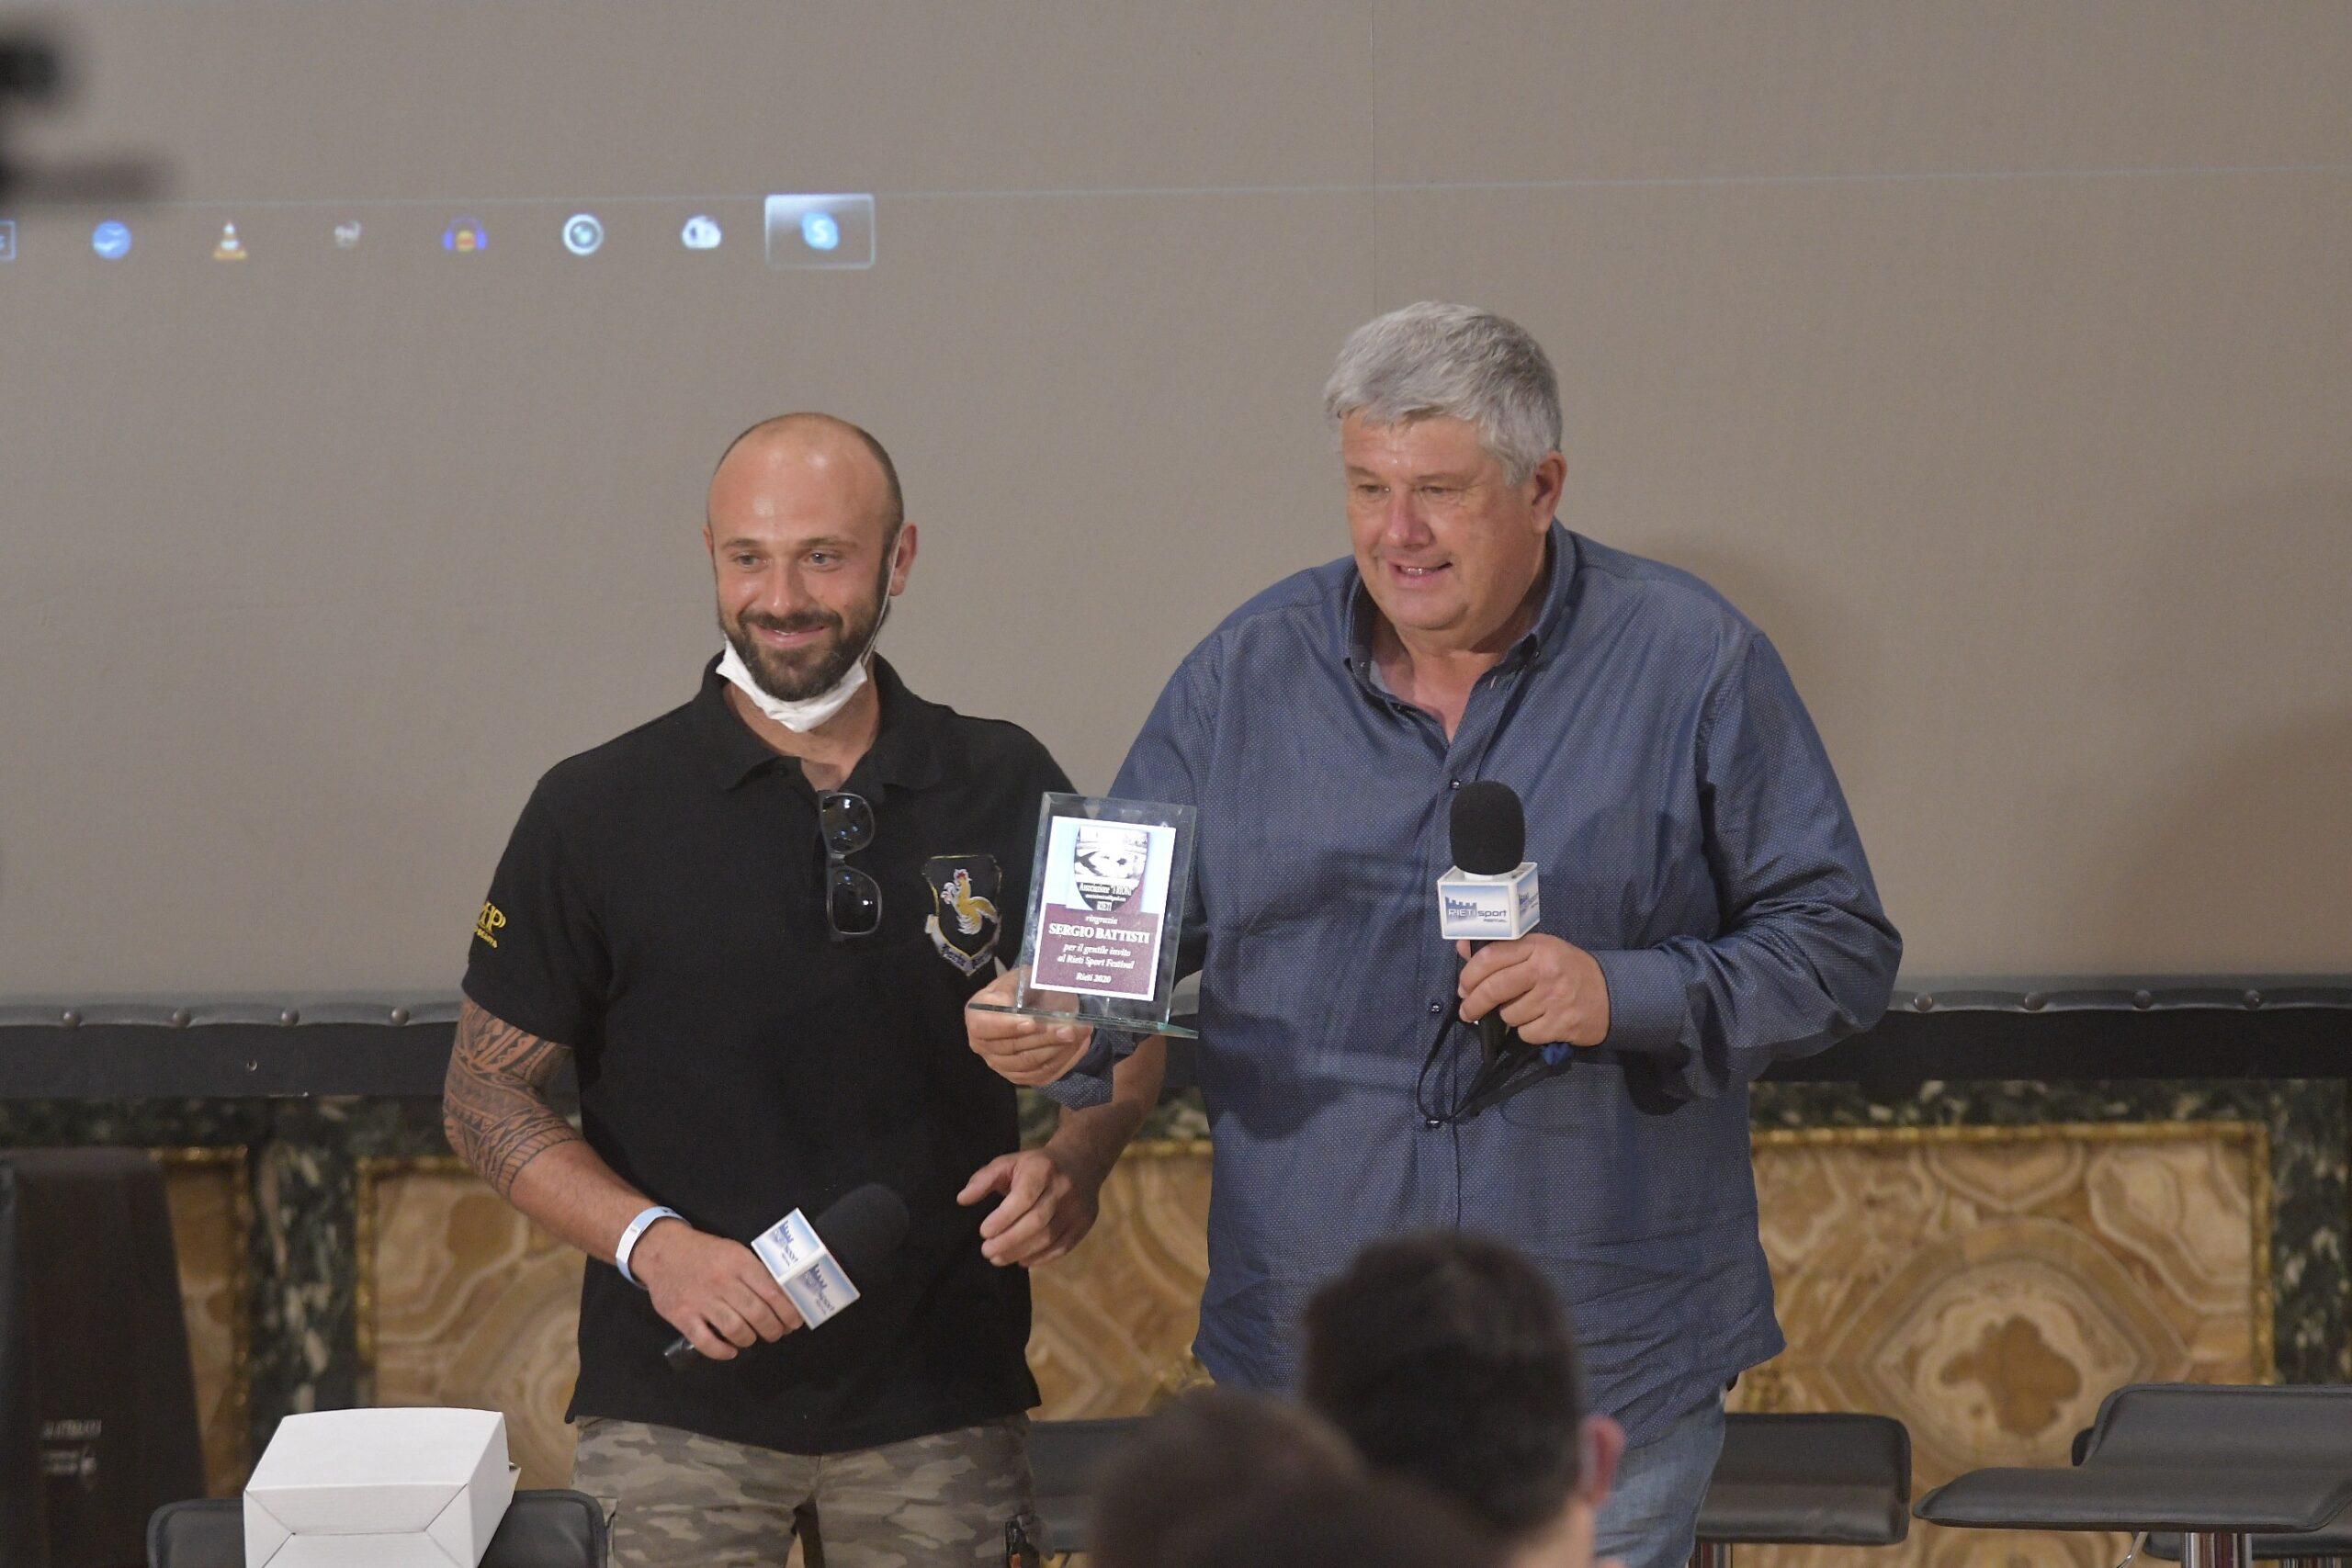 Rieti Sport Festival, premiati i campioni dello sci, Rocca, Origone, Heel, Molgg e il pattinatore Fabris